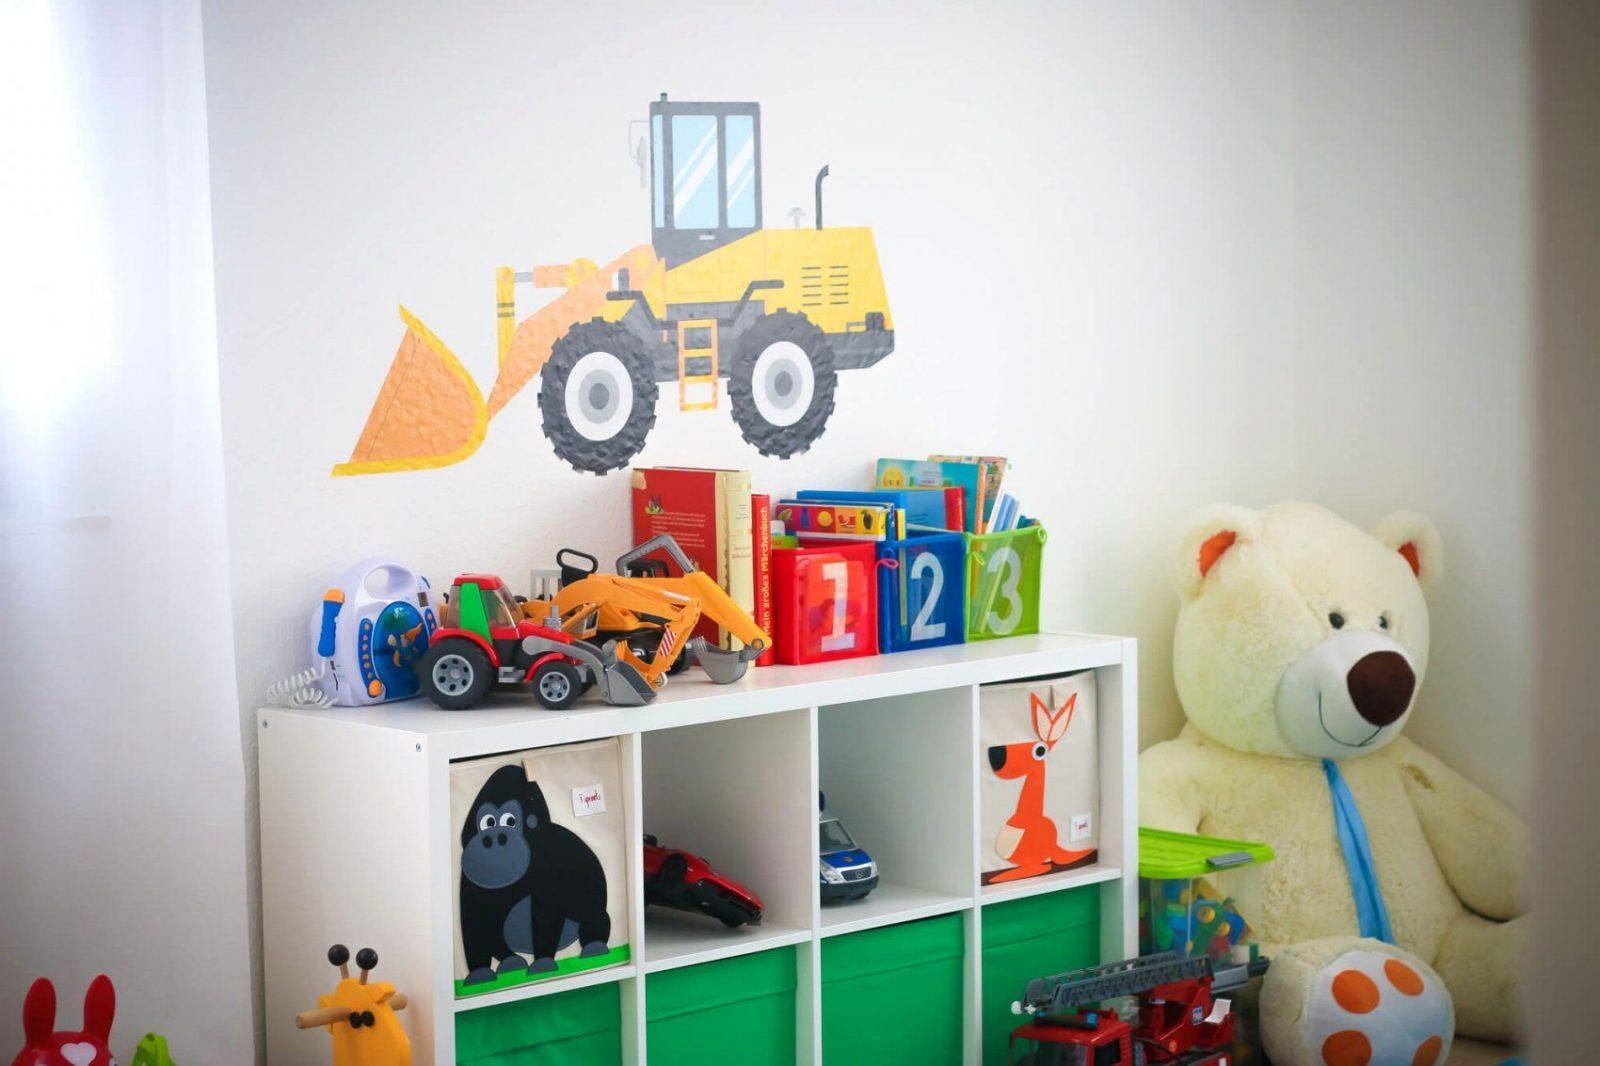 Schöne Ideen Kinderzimmer Deko Jungen Und Fabelhafte Fein Junge von Kinderzimmer Deko Ideen Jungen Bild